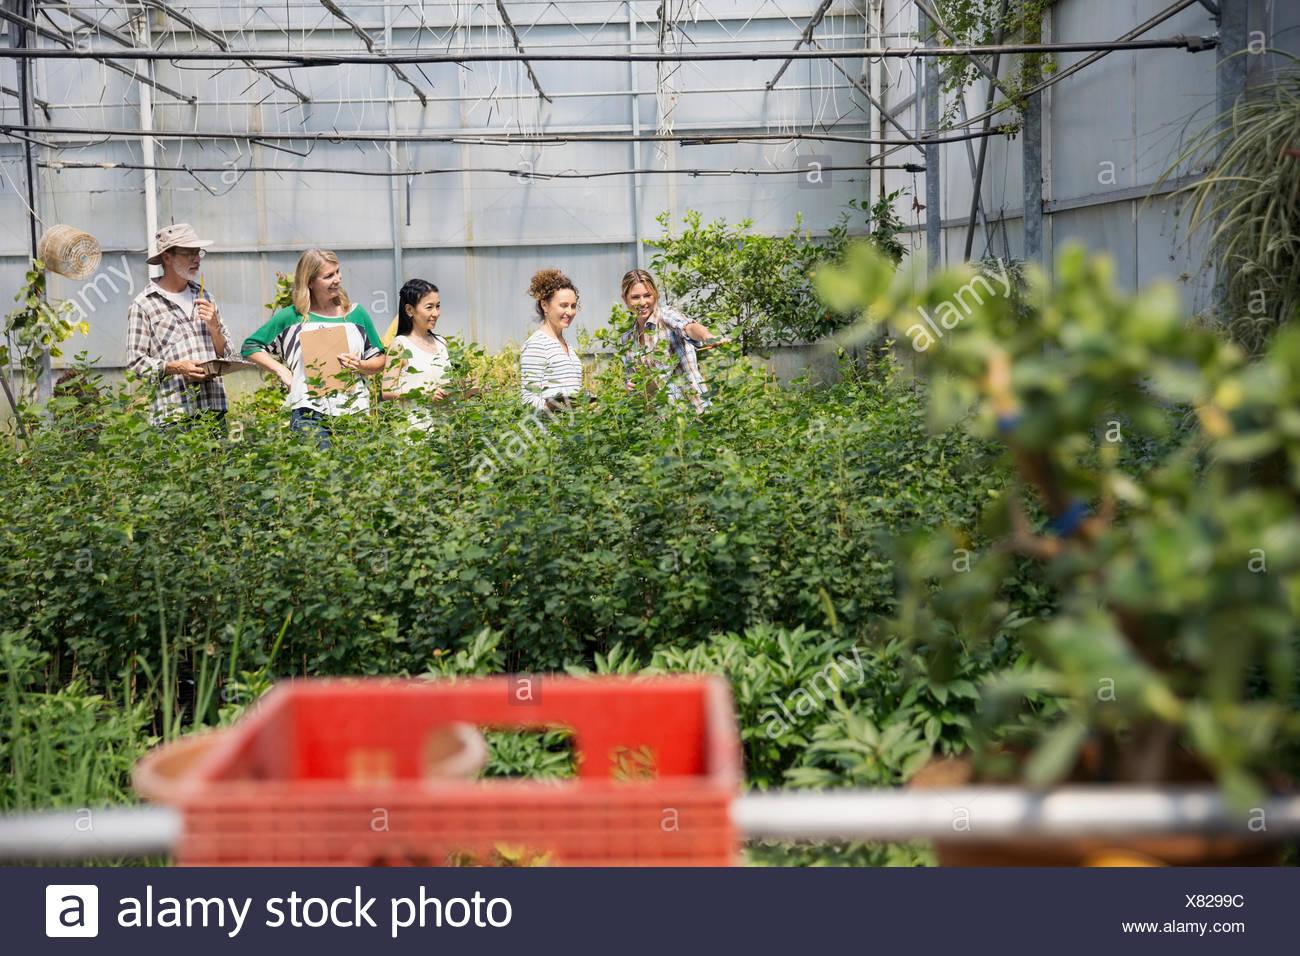 Arbeitnehmer Die Pflanzen Im Gewachshaus Pflanzen Baumschule